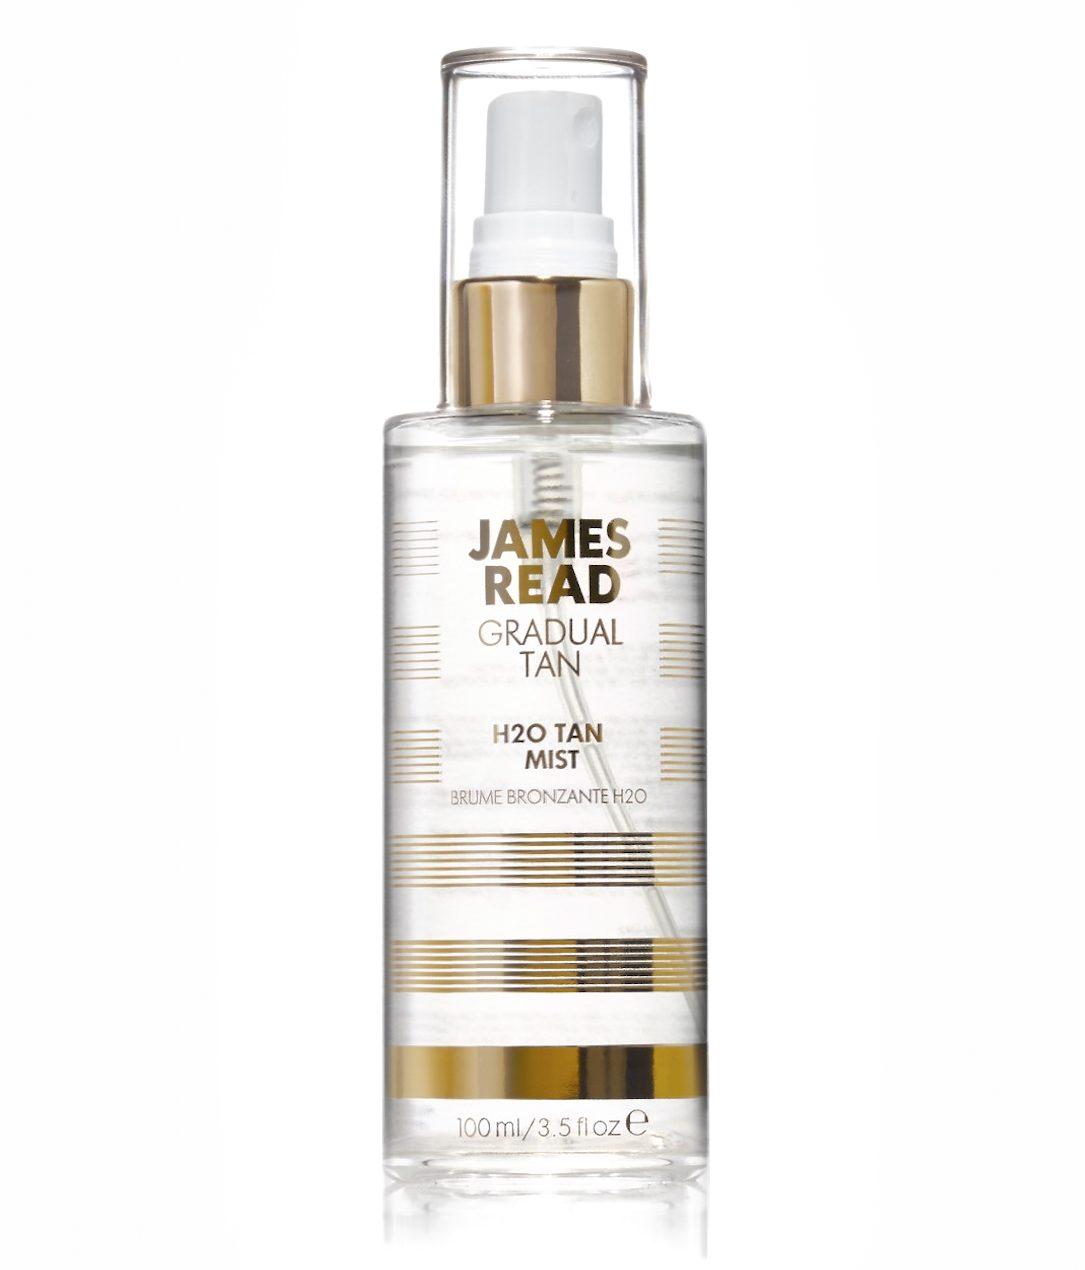 The James Read Gradual Tan H20 Tan Mist